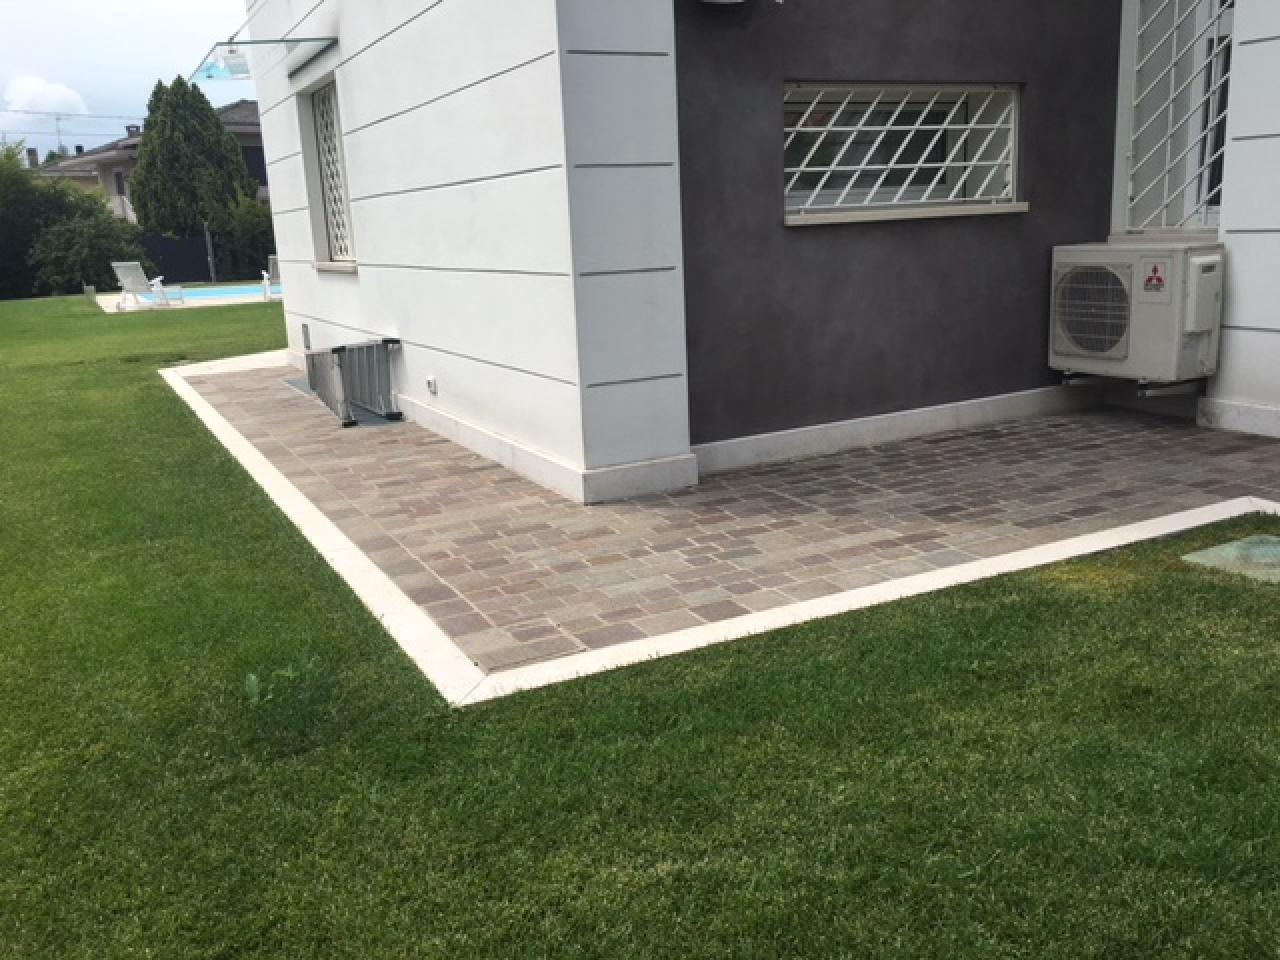 Colore Esterno Casa Moderna il pavimento in porfido per esterni: caratteristiche